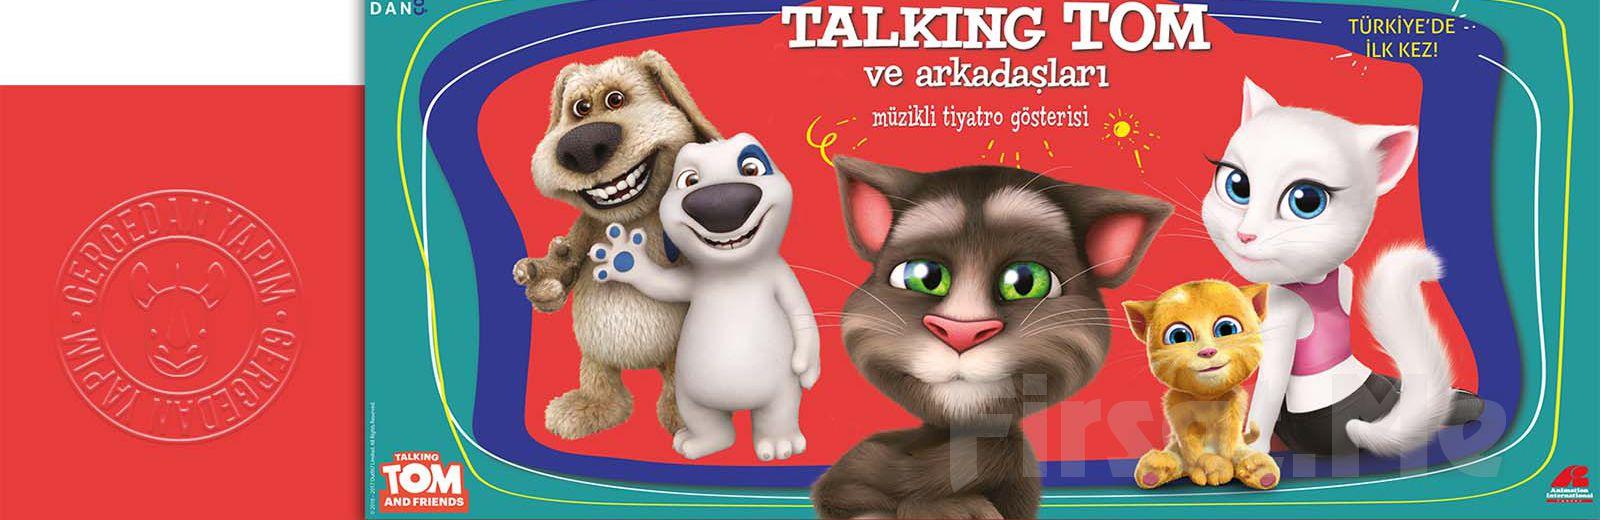 """Milyonların Sevdiği Karekter """"Talking Tom ve Arkadaşları"""" Müzikli Tiyatro Oyunu Bileti!"""